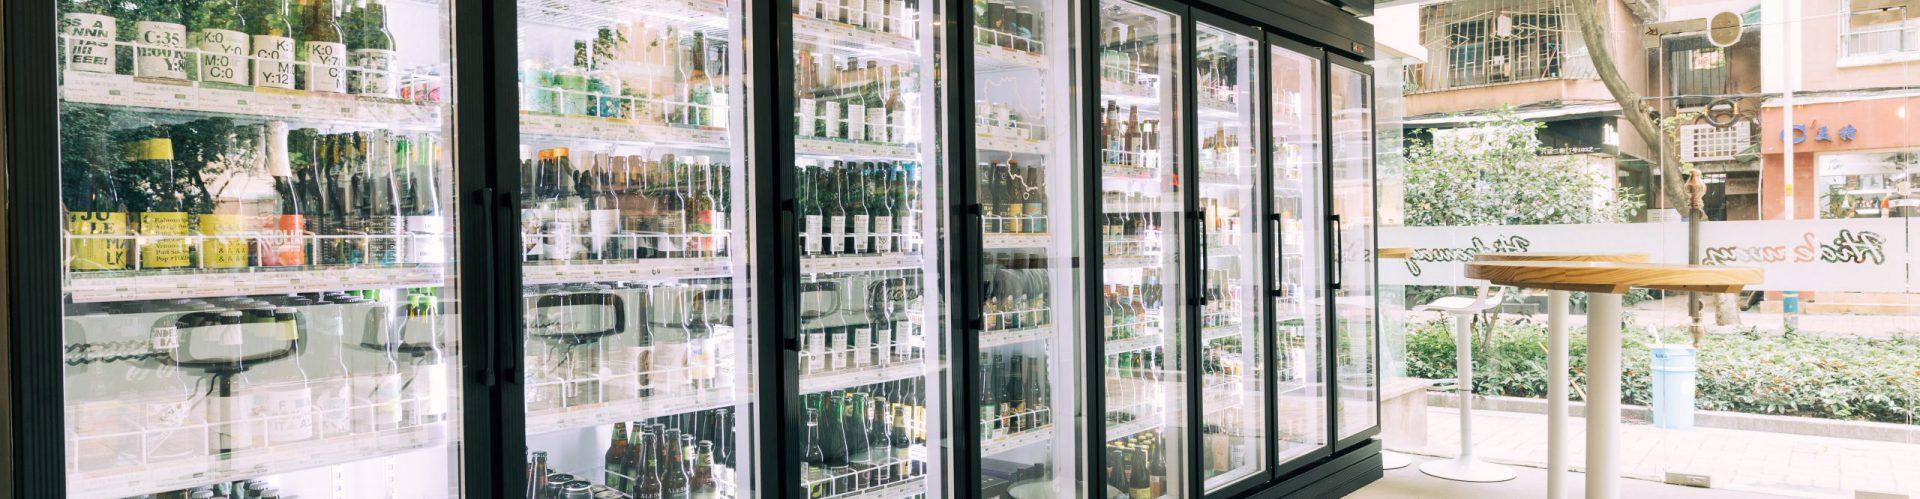 臺虎 X Bar T.C.R.C:餞男醋女 / Taihu X Bar T.C.R.C.: Tomato Plum Sour Beer